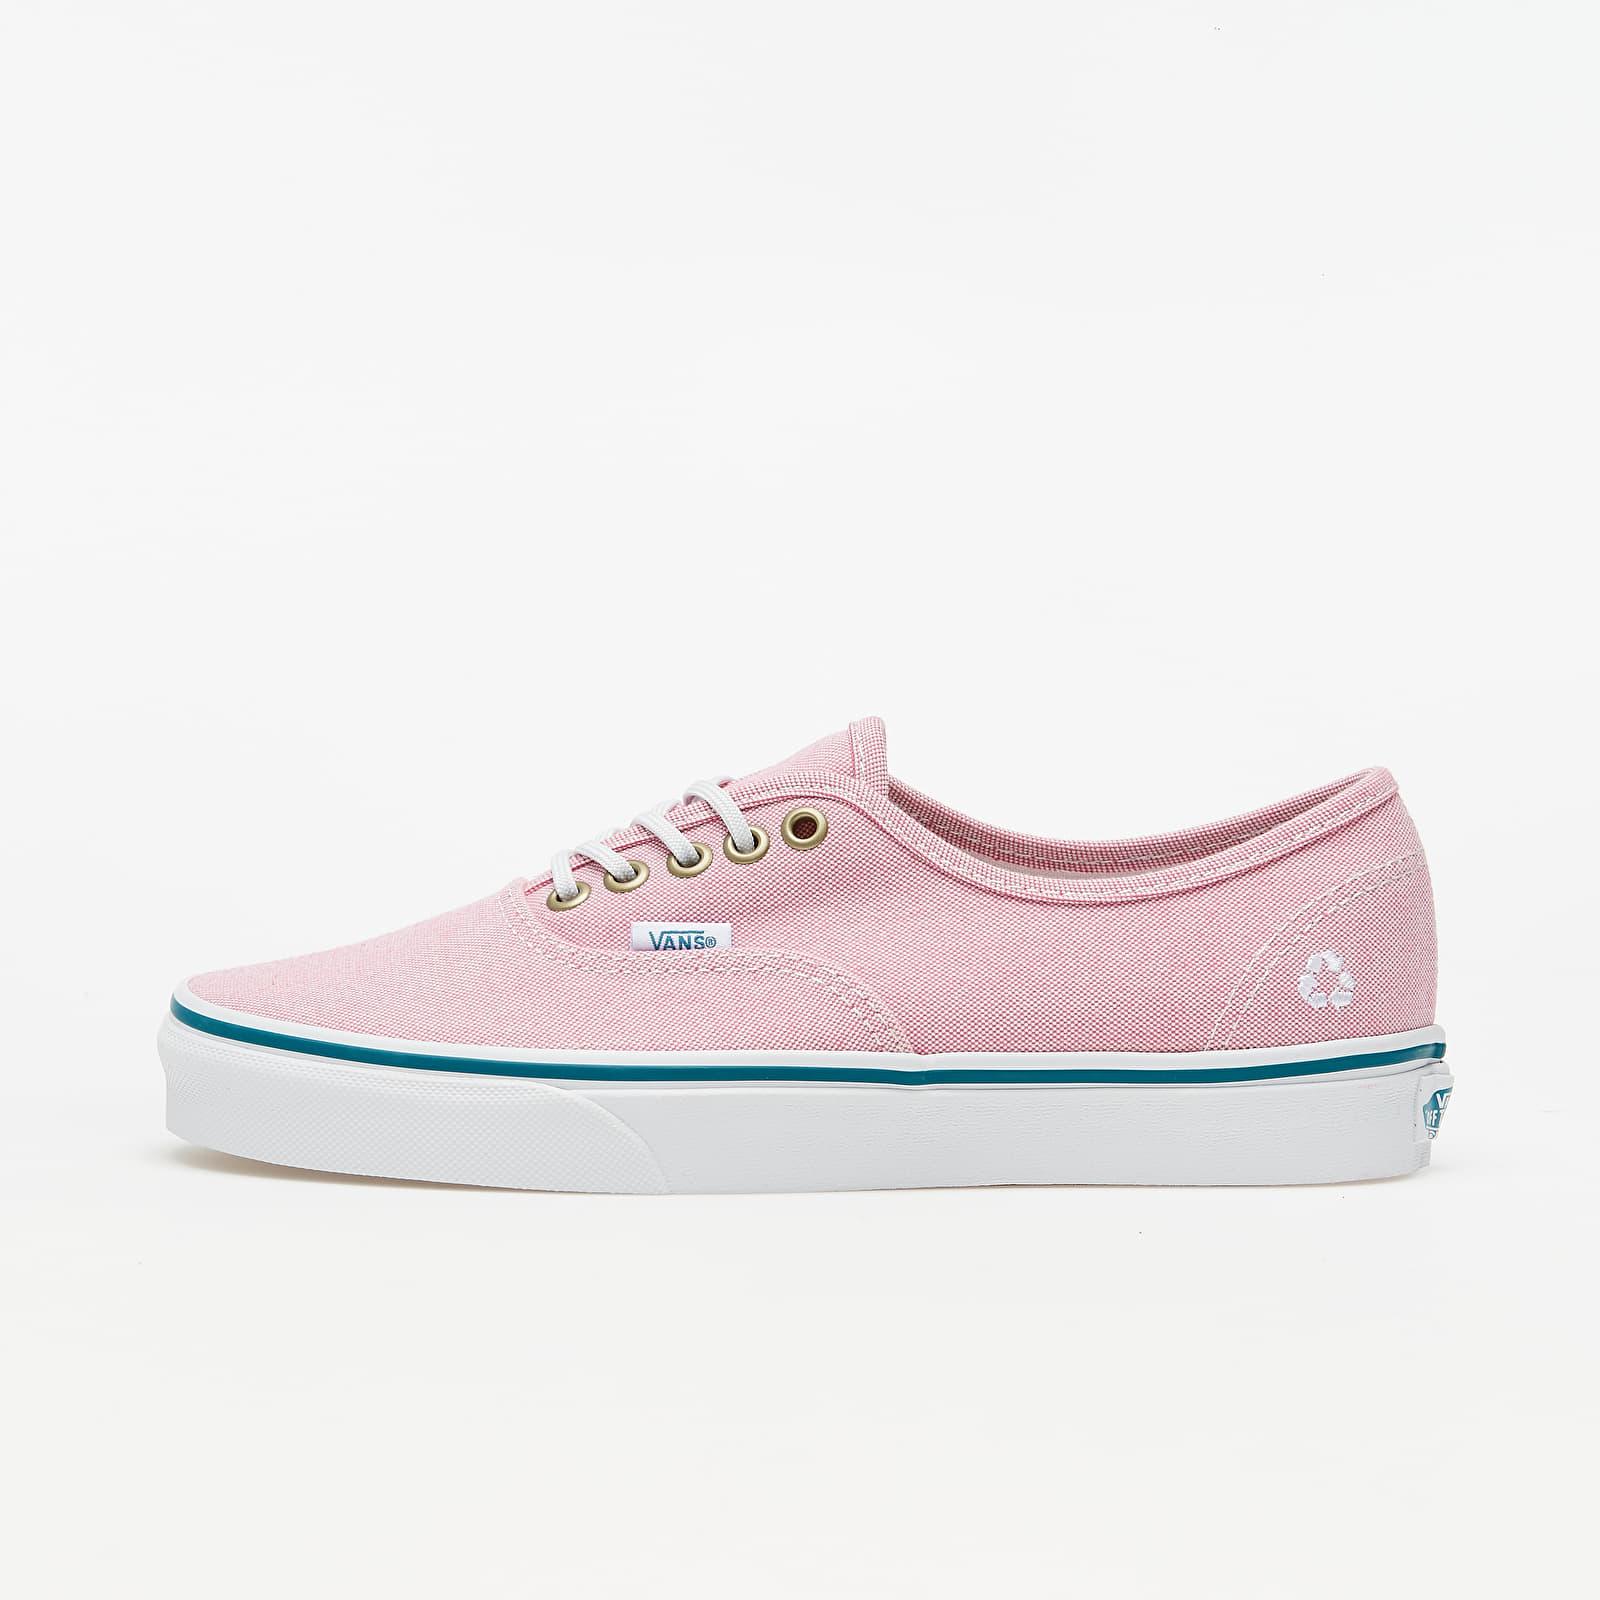 Men's shoes Vans Authentic (P.E.T.